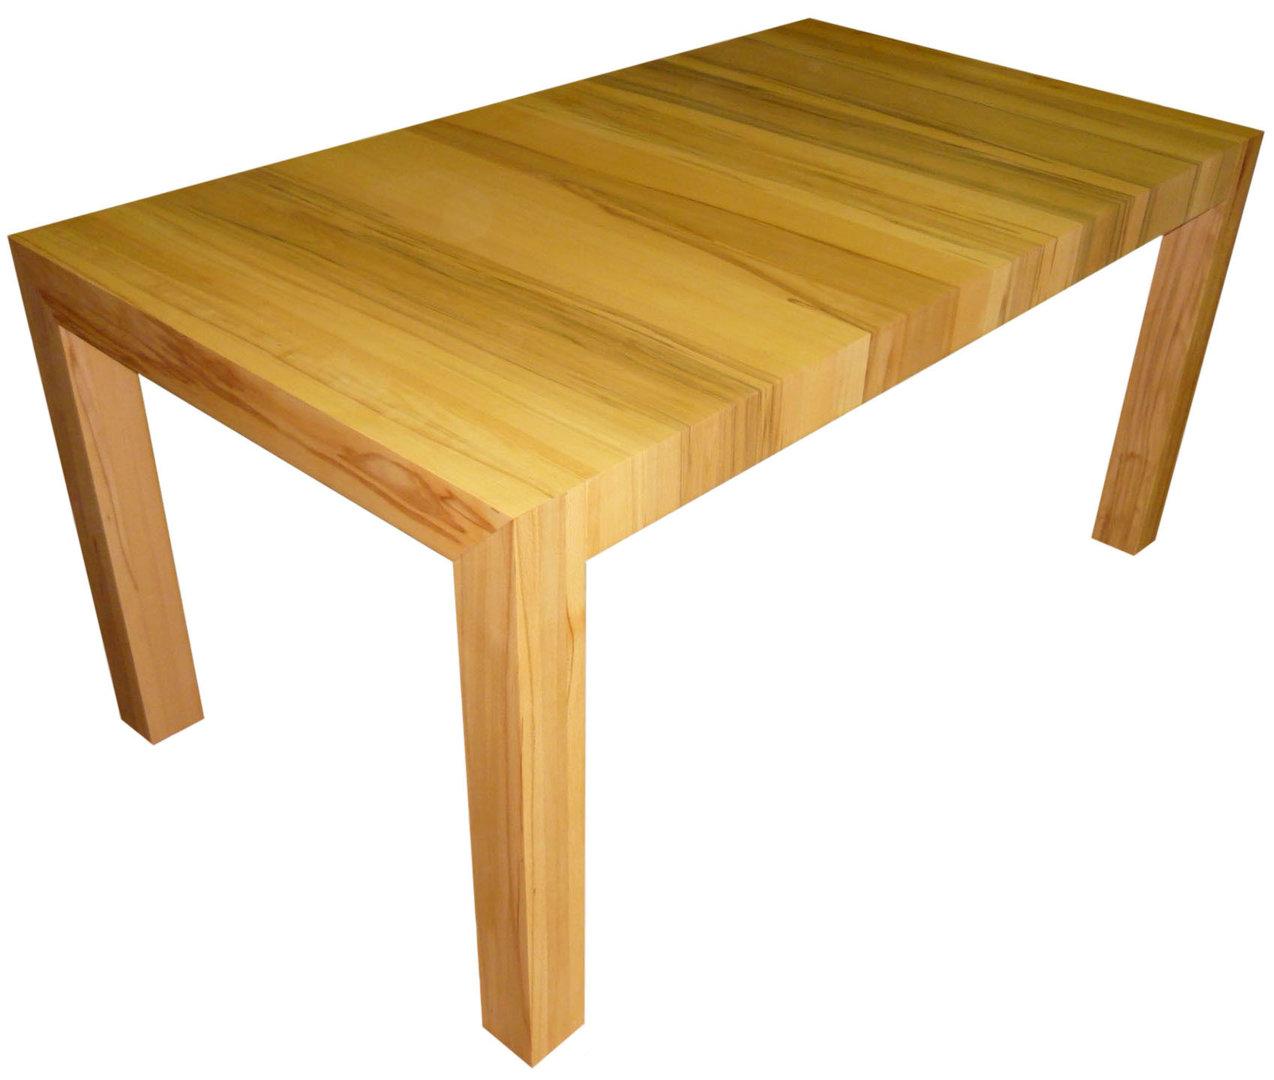 e tisch massivholz runder esstisch massiv aus holz auch rund und ausziehbar. Black Bedroom Furniture Sets. Home Design Ideas